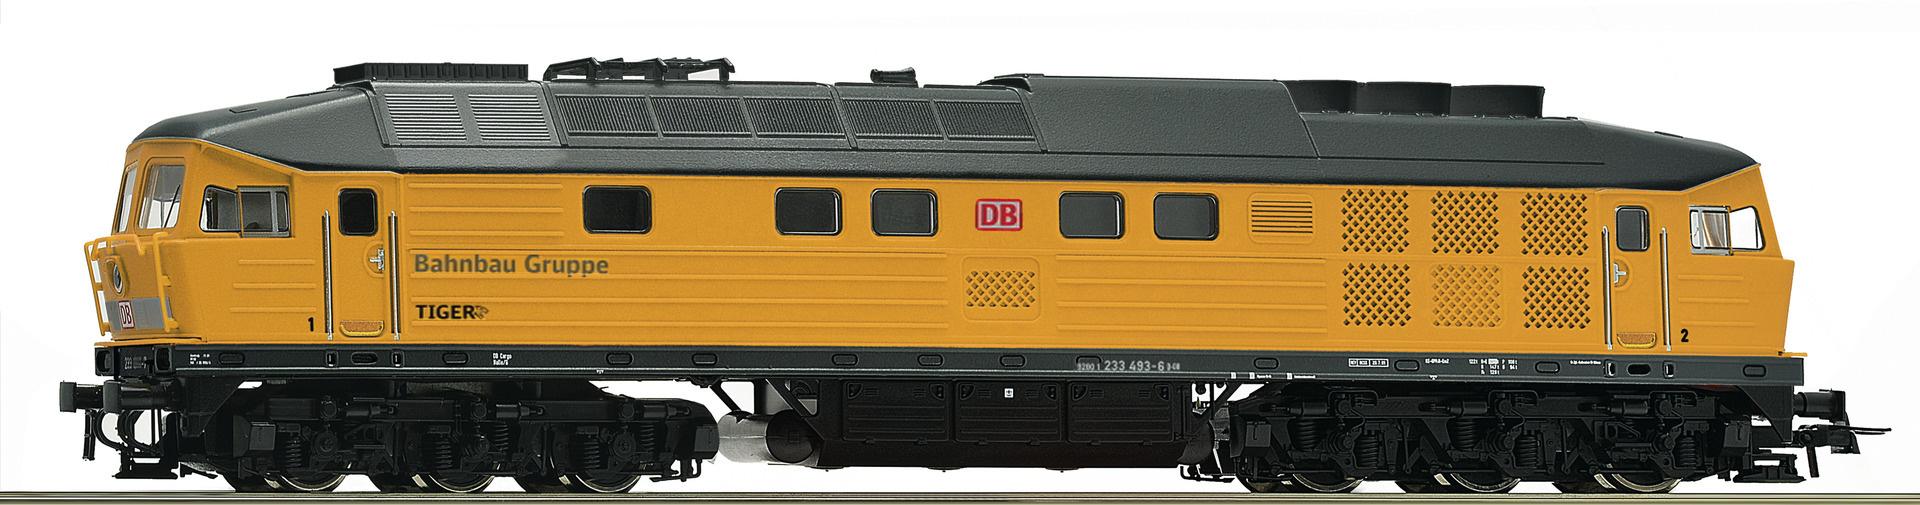 52469 Diesellok 233 493 HE-Snd.-1